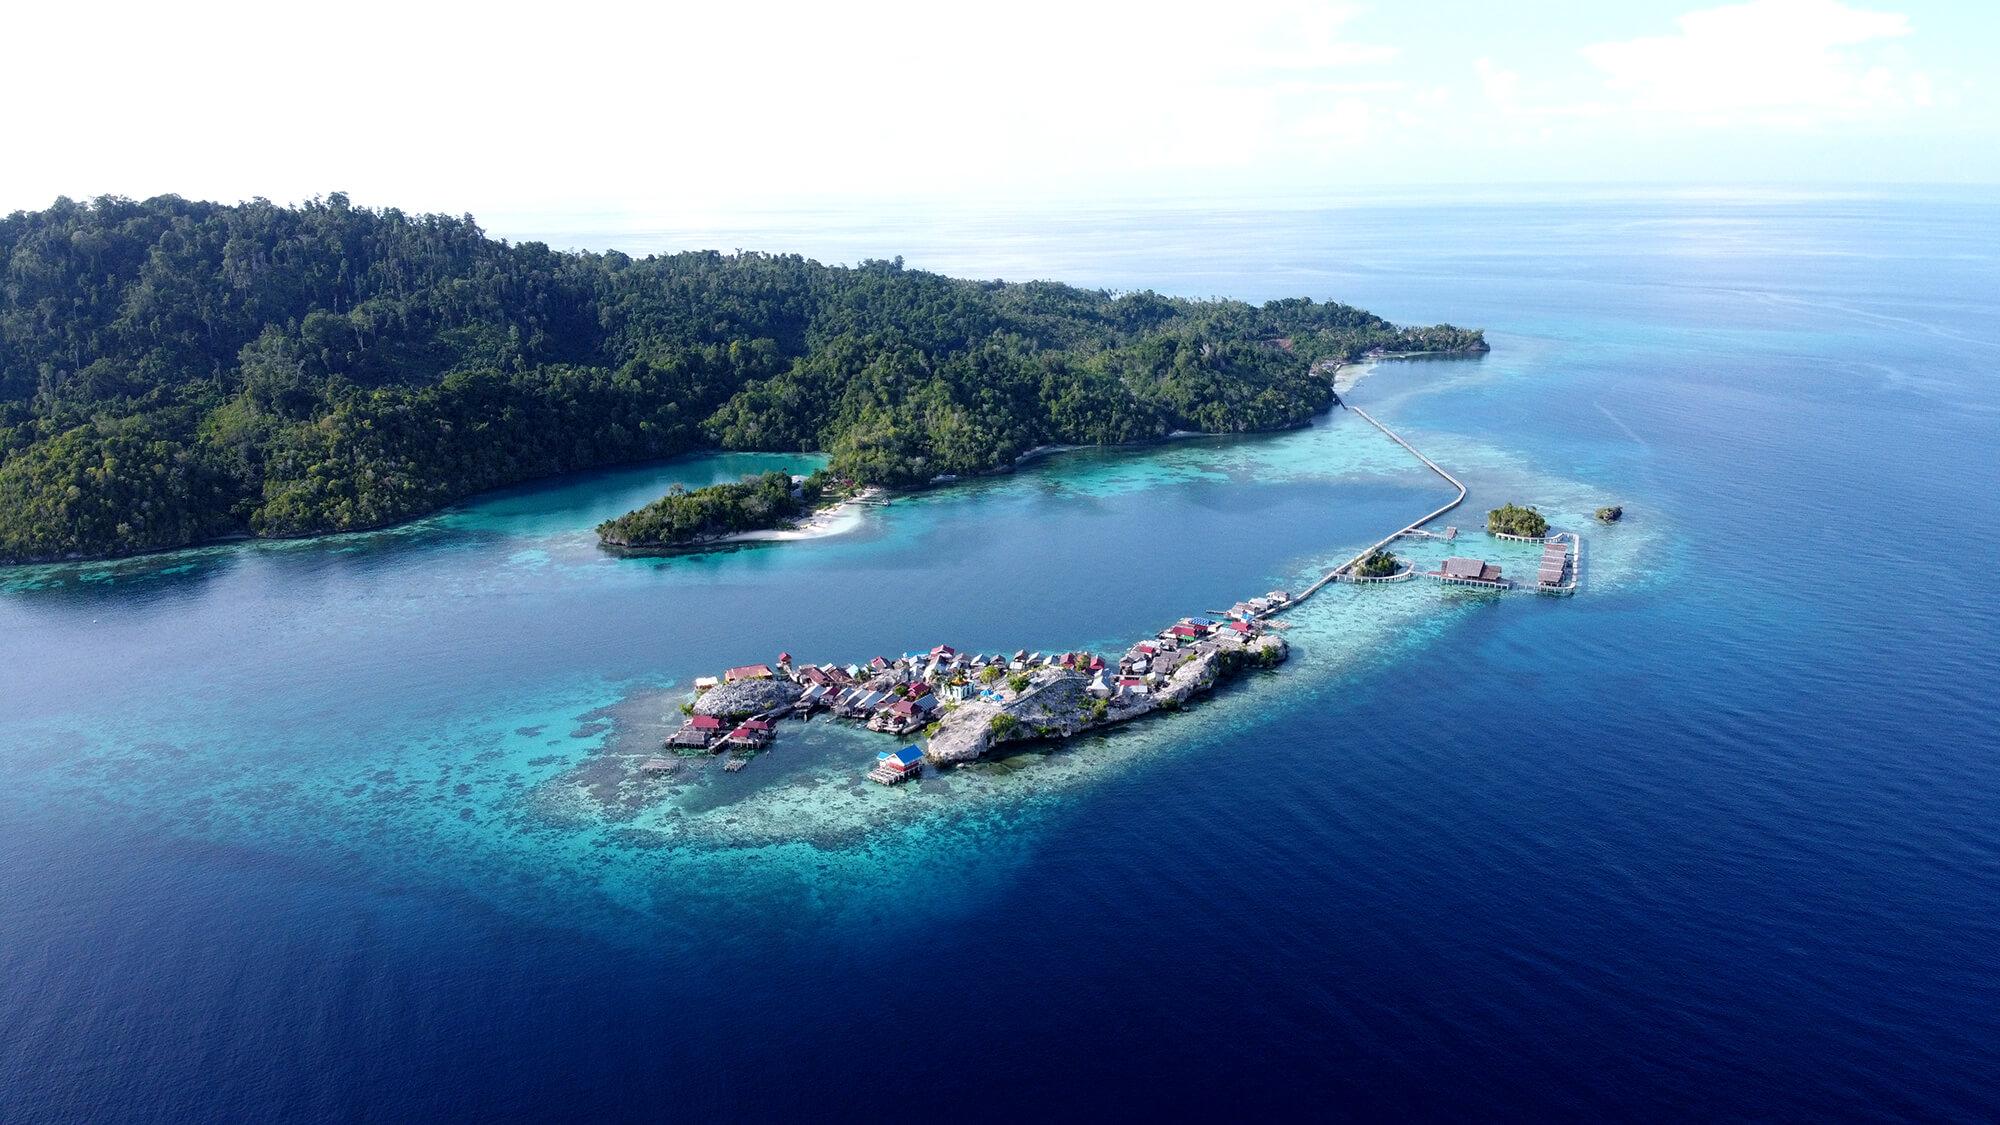 Panorámica extraordinaria de dron sobre la isla de Pulau Palan en Sulawesi